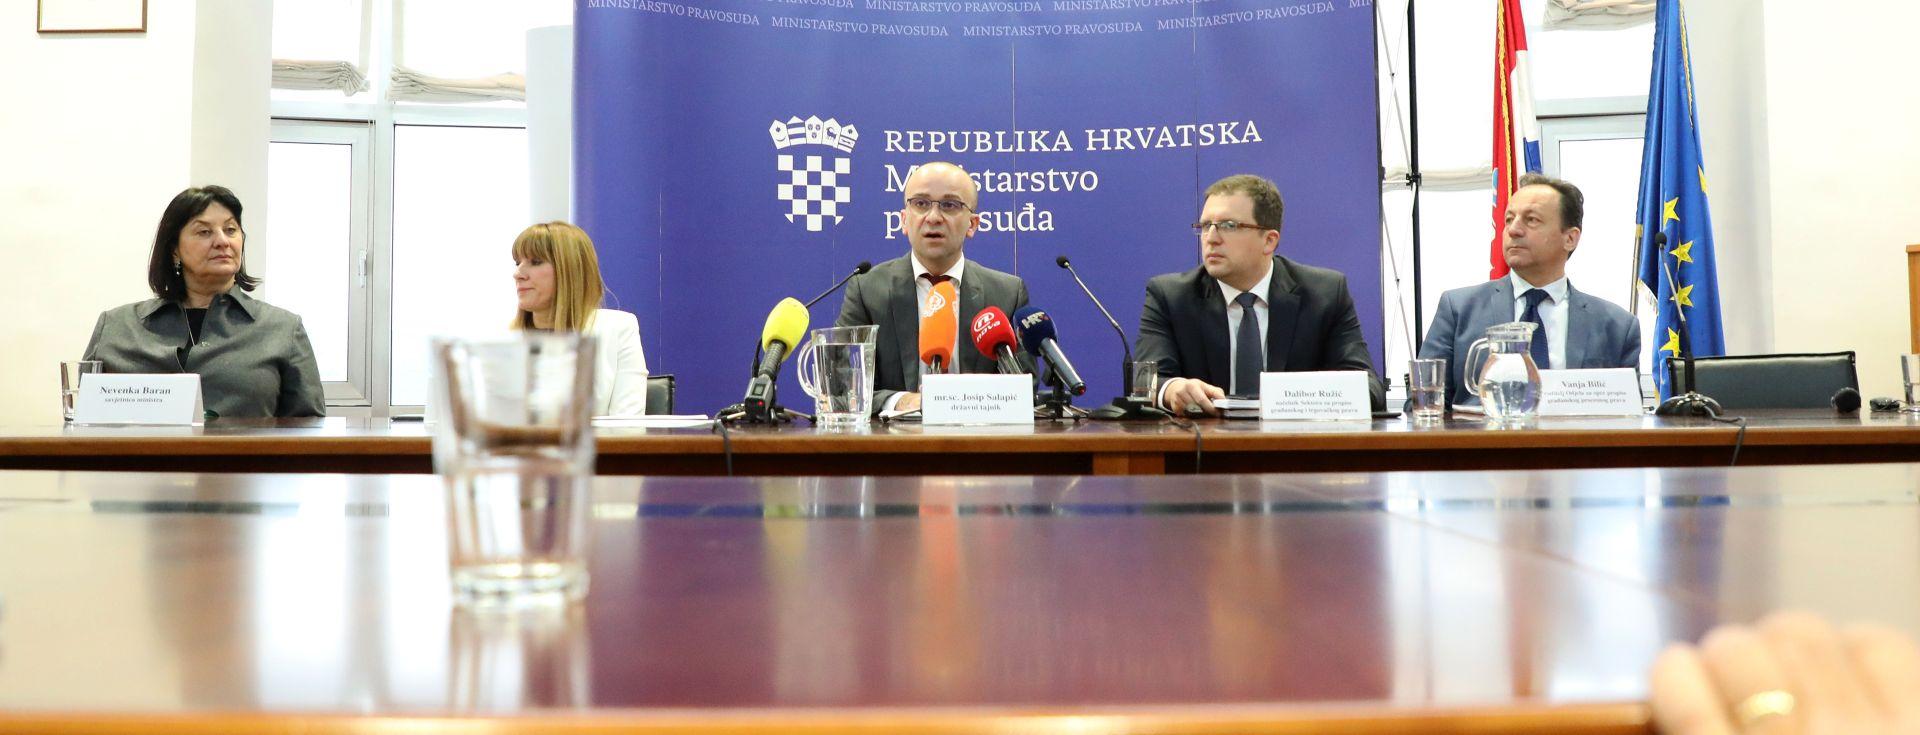 Javno izložen Nacrt prijedloga ovršnog zakona